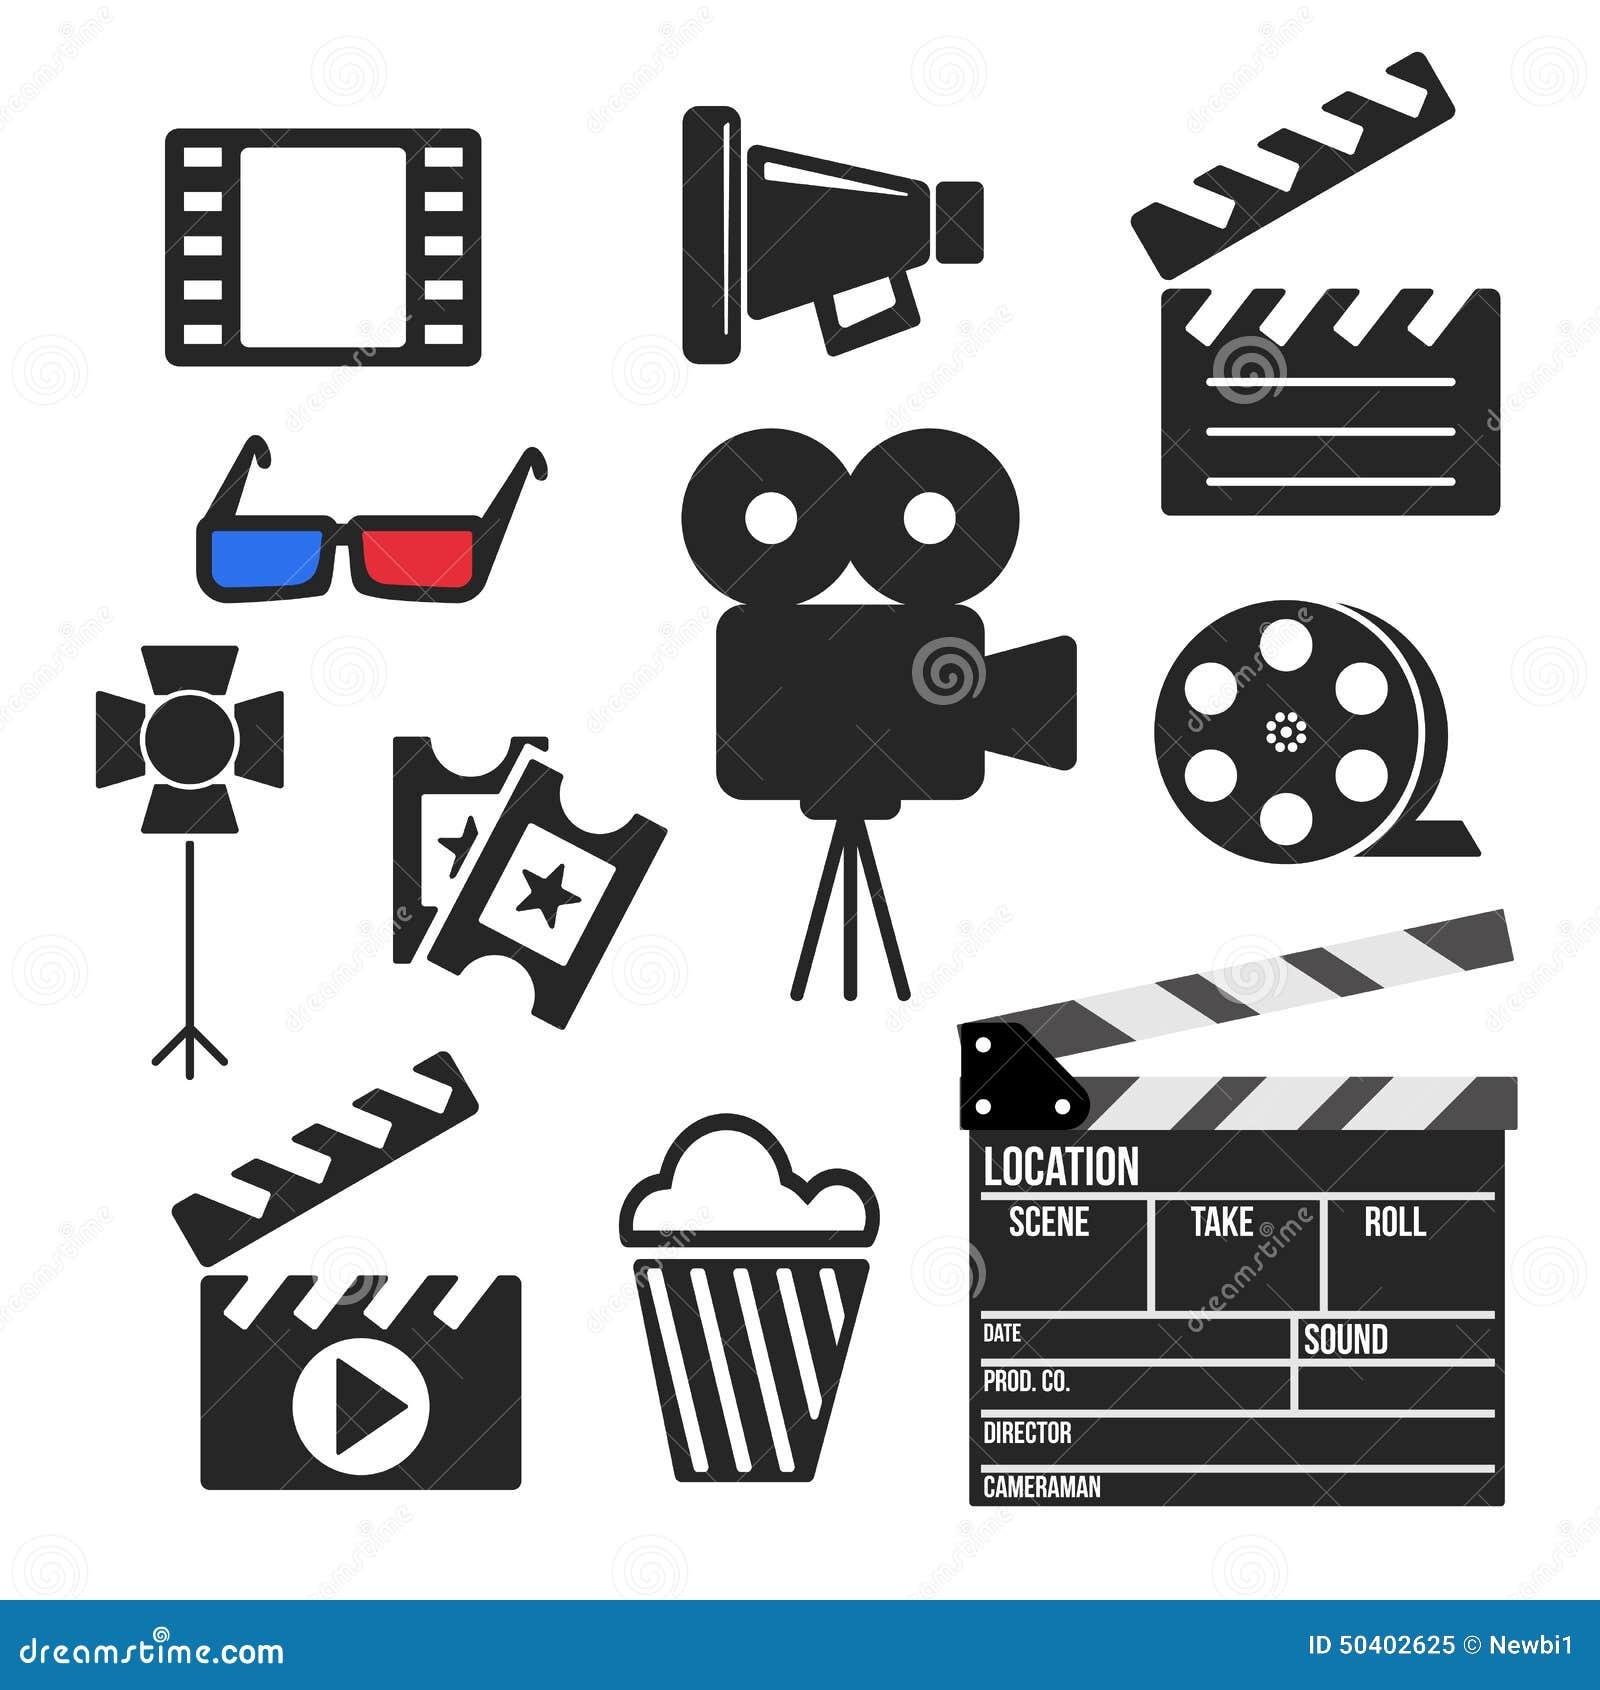 Kinonetz